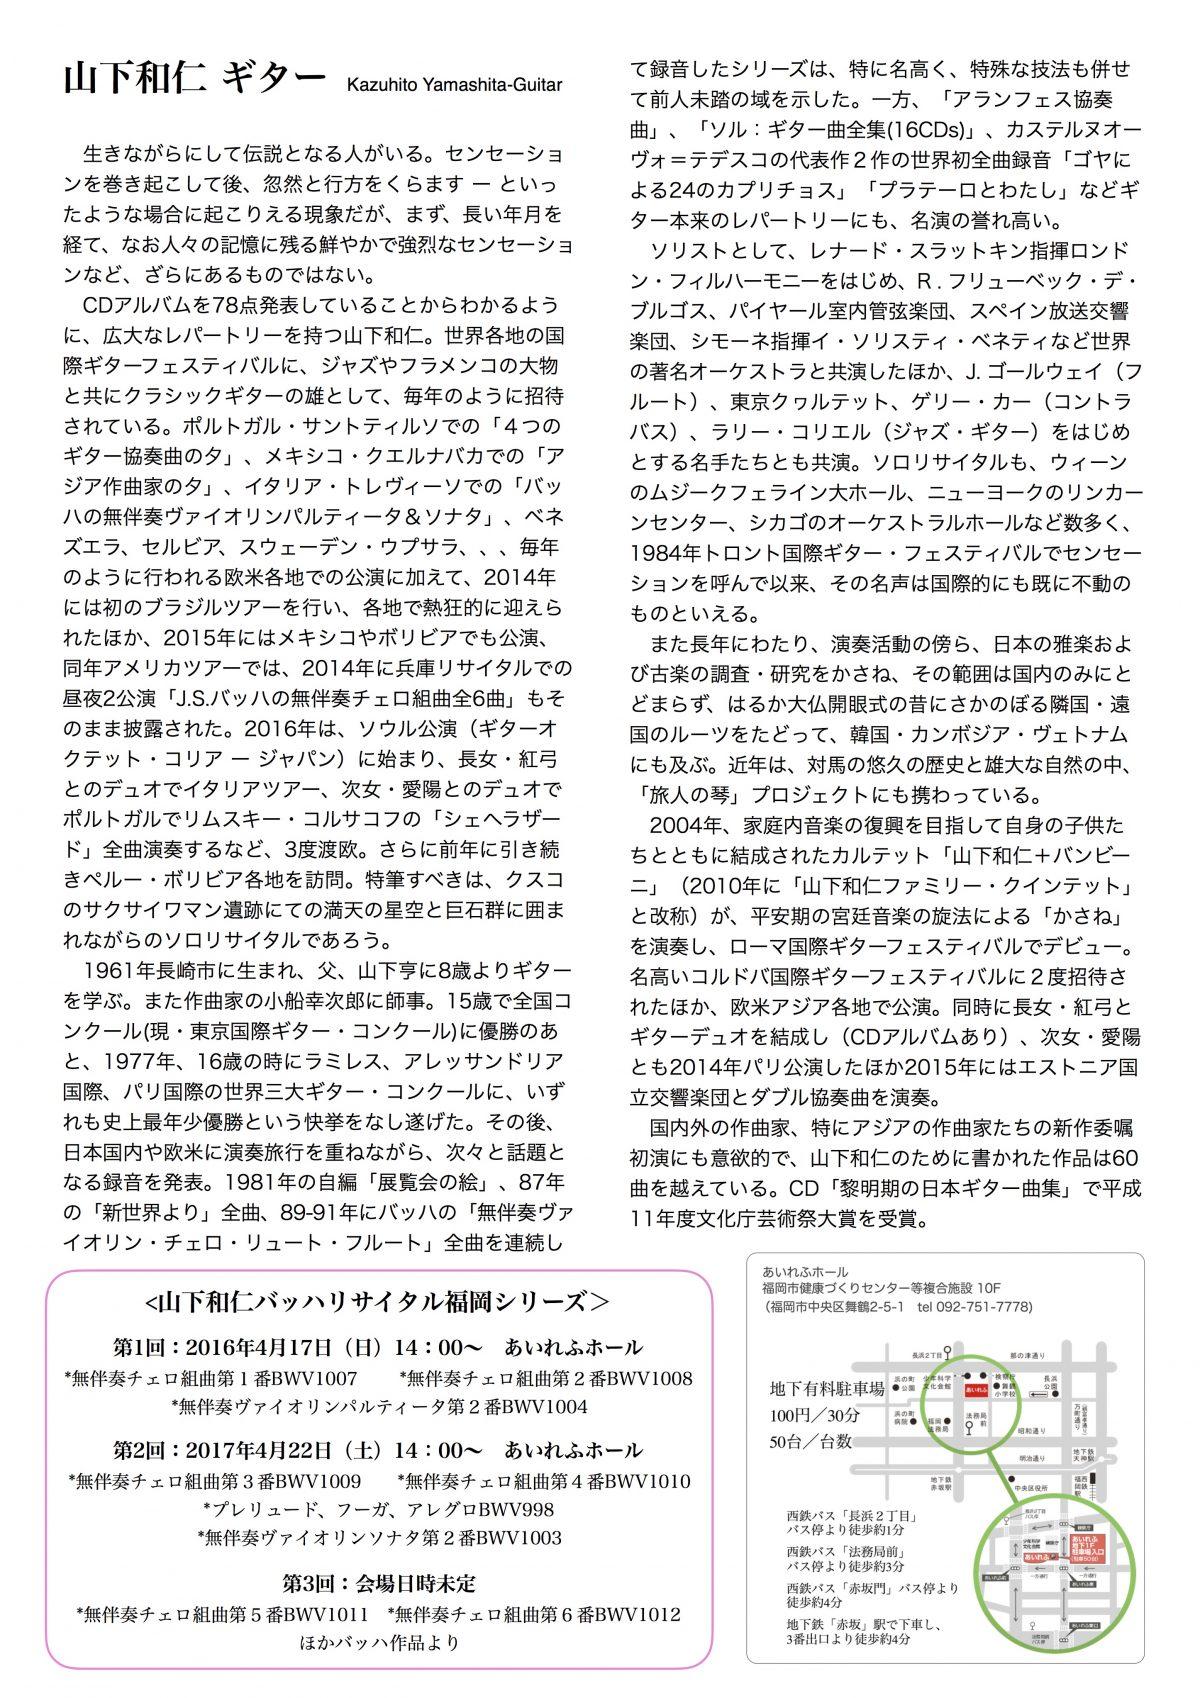 Yamashita Kazuhito bach recital fukuoka series vol.2